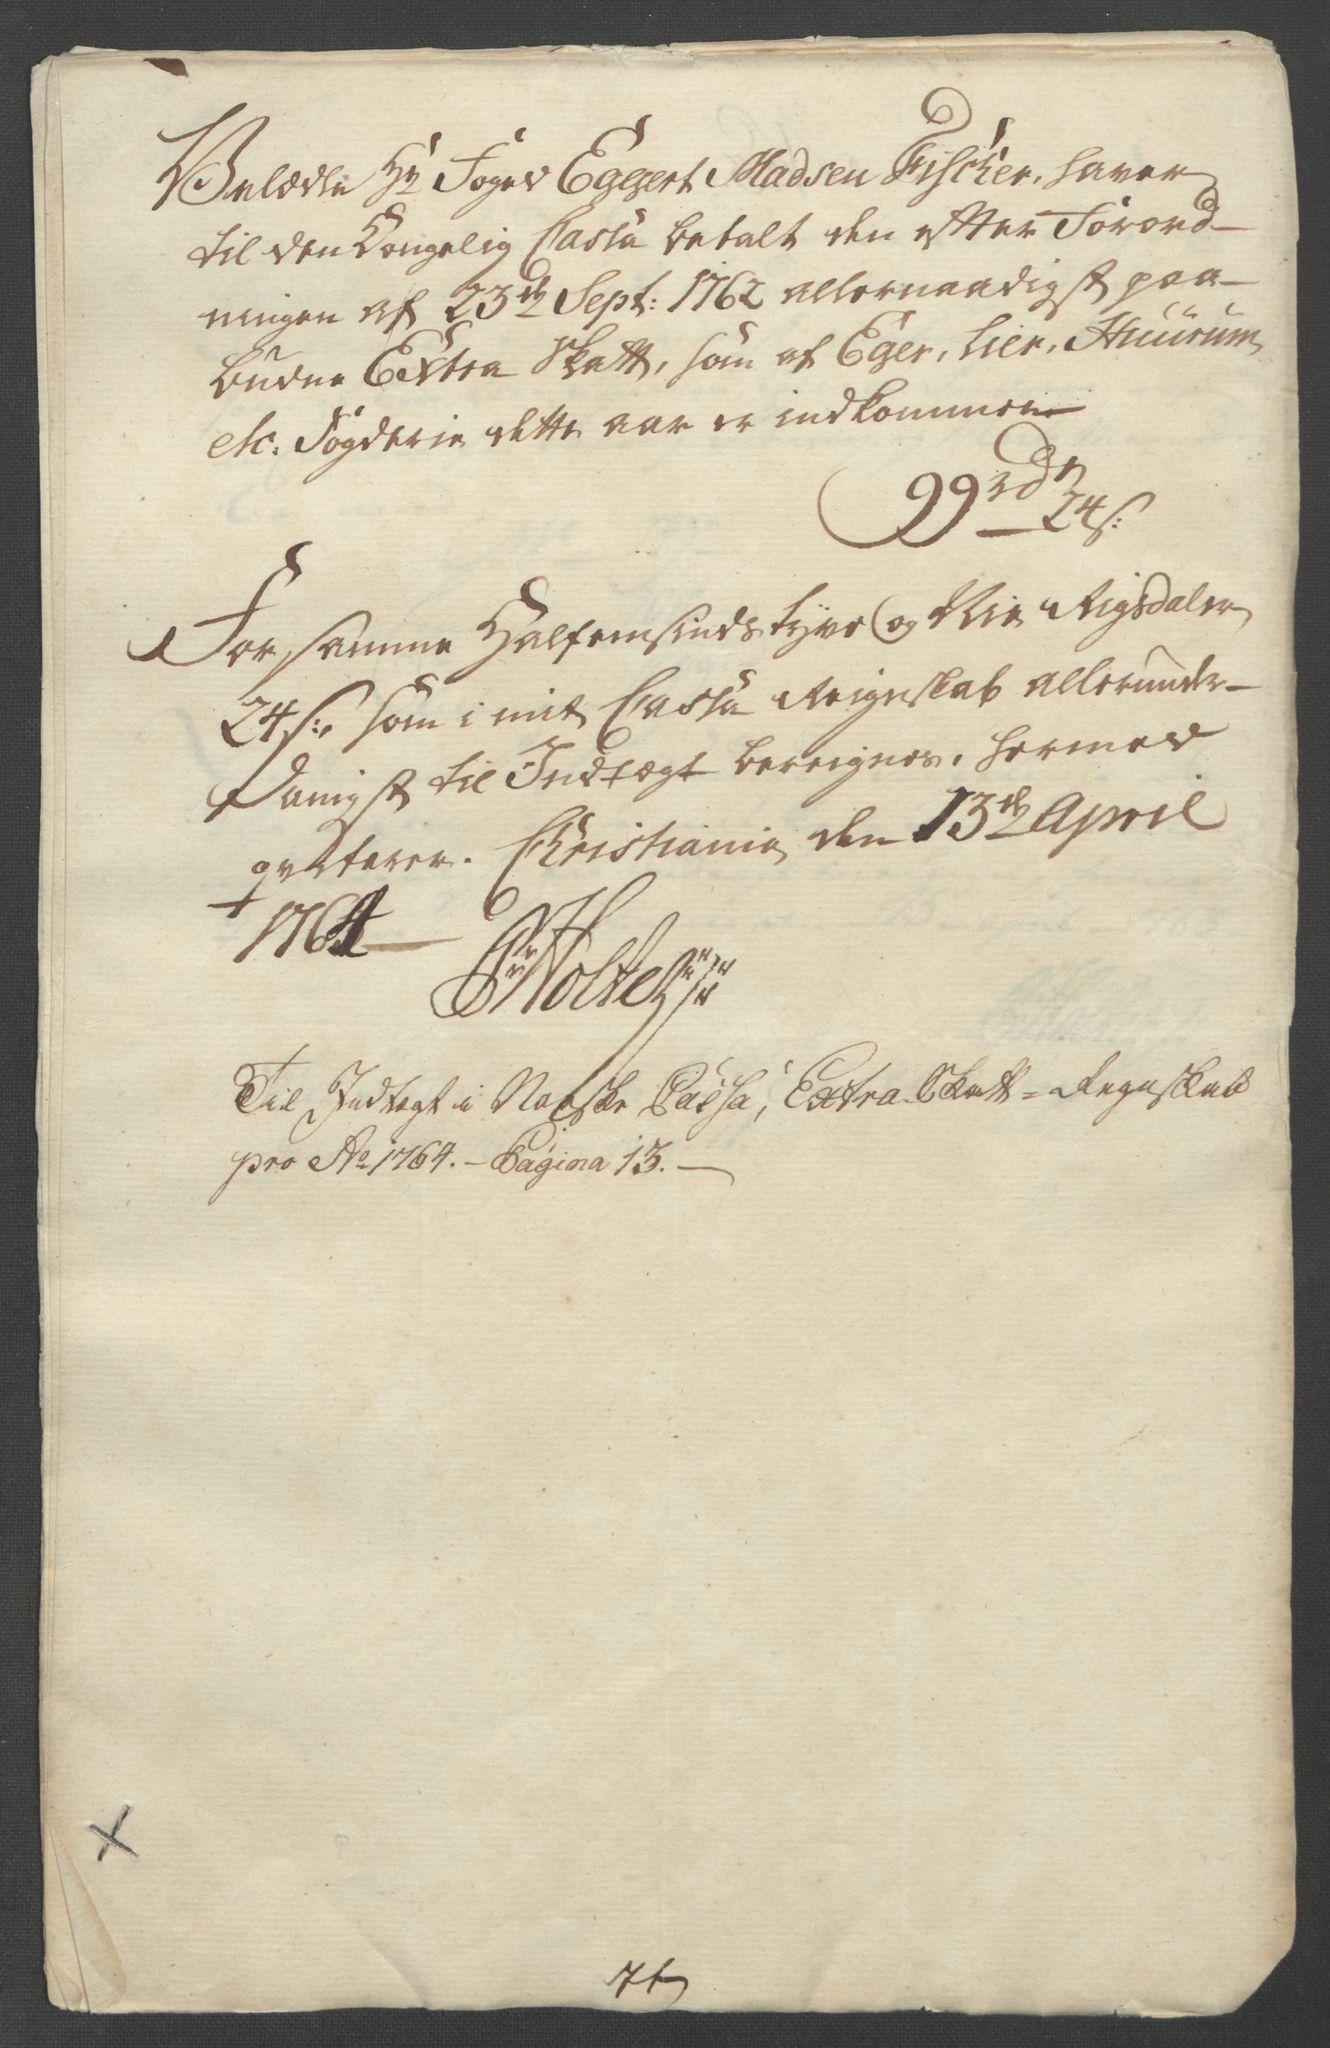 RA, Rentekammeret inntil 1814, Reviderte regnskaper, Fogderegnskap, R31/L1833: Ekstraskatten Hurum, Røyken, Eiker, Lier og Buskerud, 1762-1764, s. 125